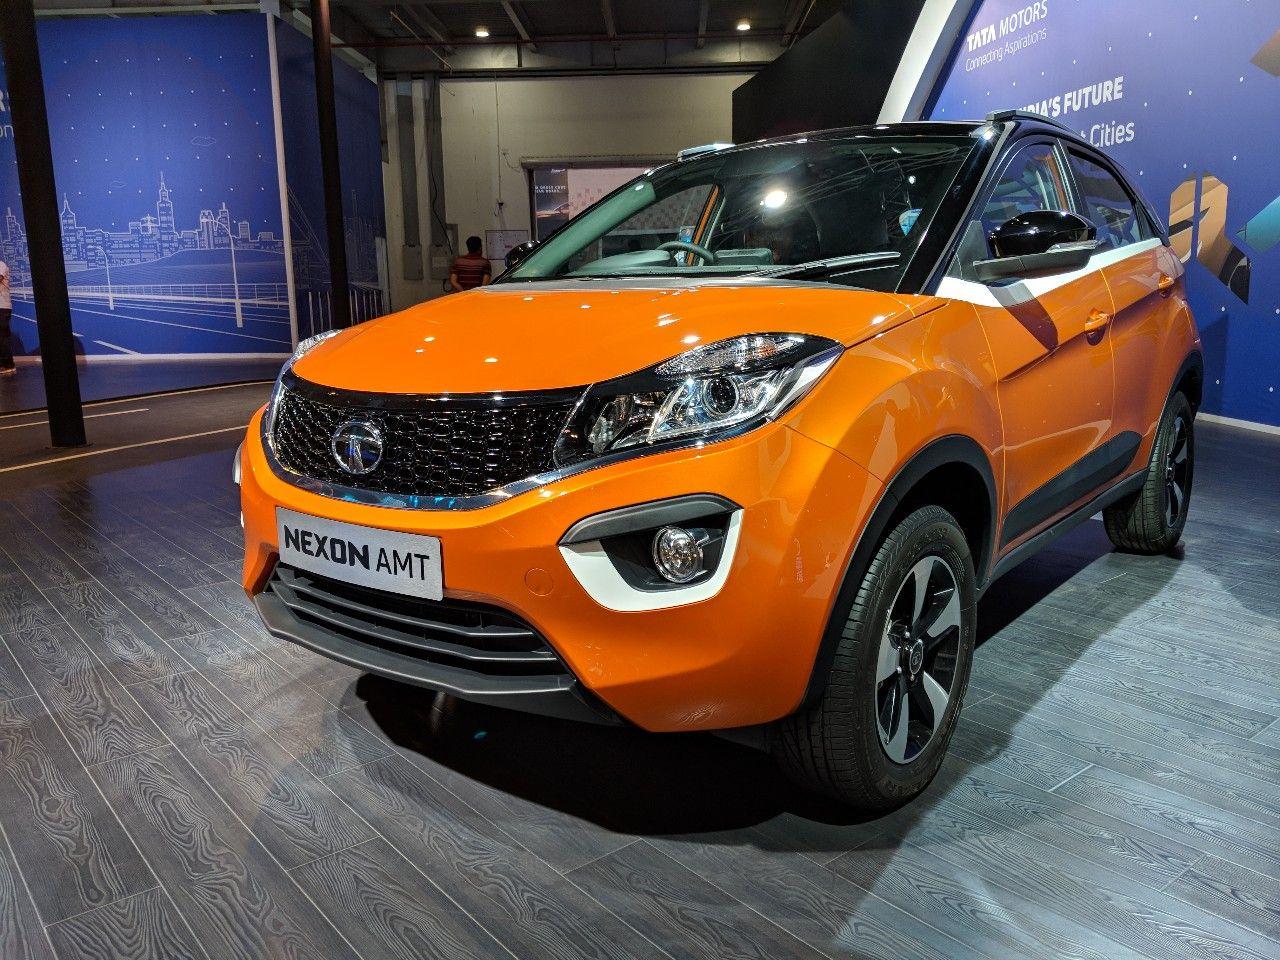 Tata Nexon AMT Auto Expo 2018 Live Tata cars, Tata